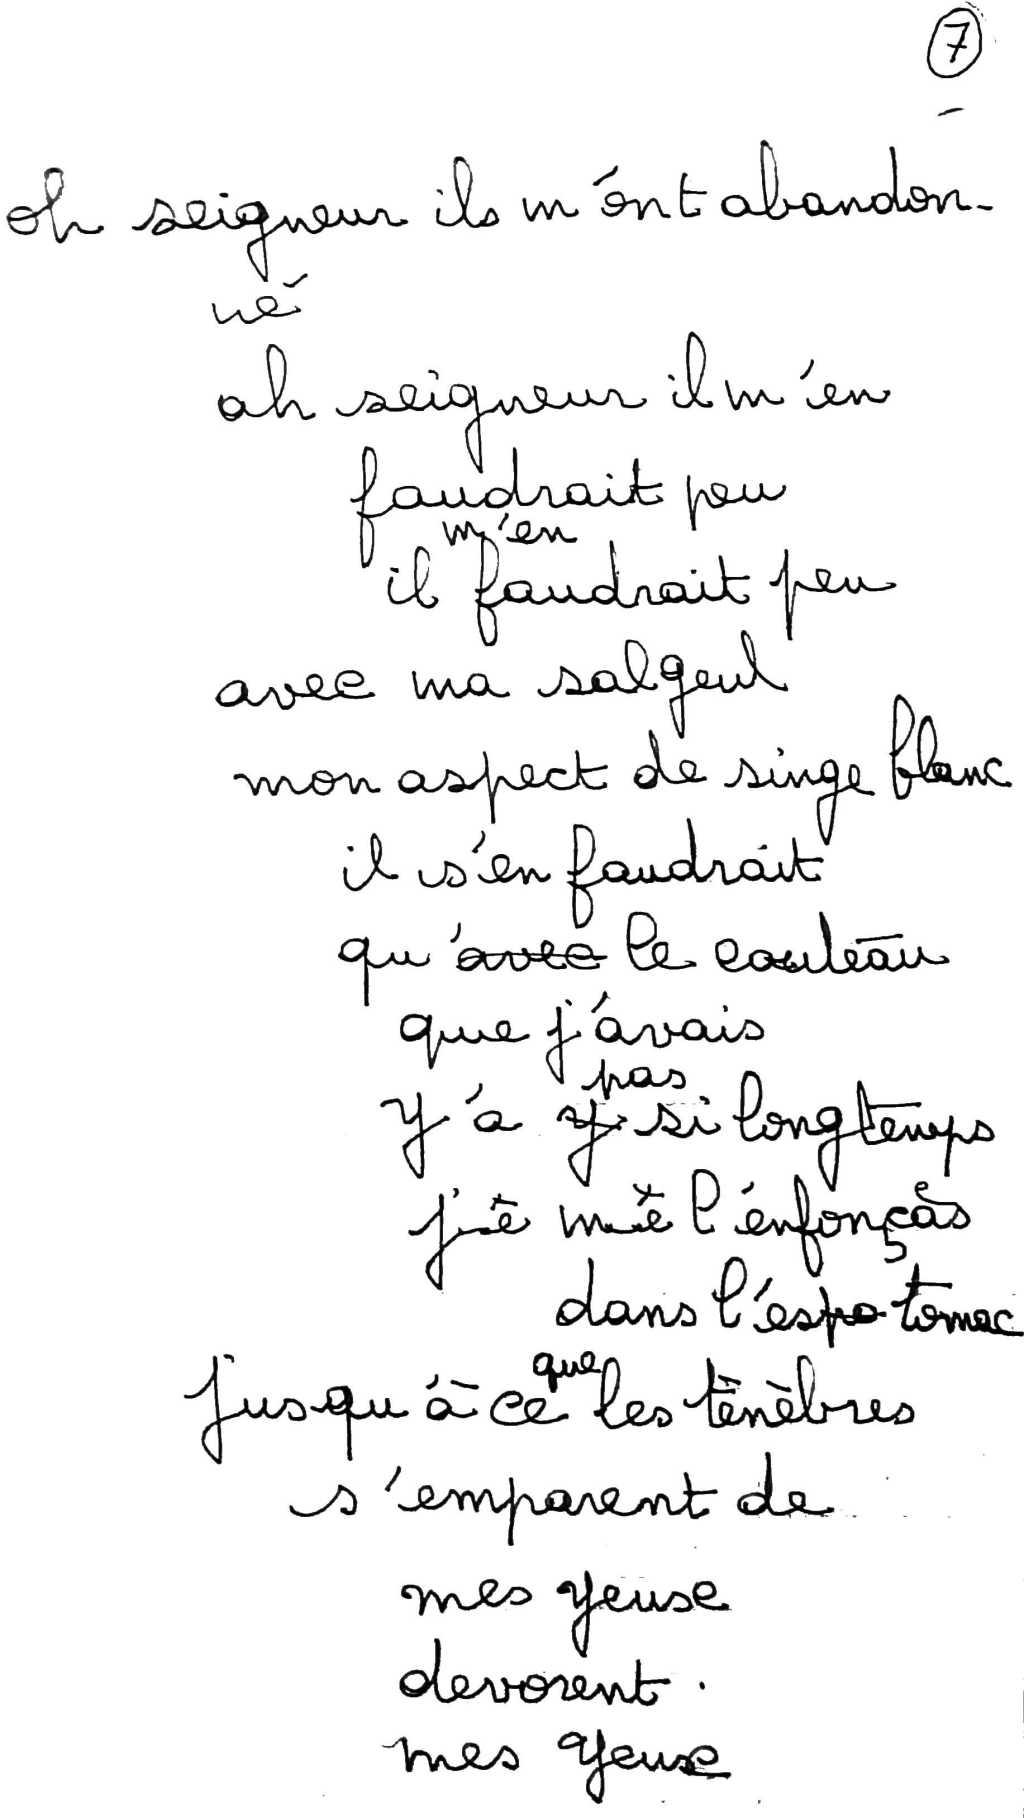 manuscrit du poème 2500